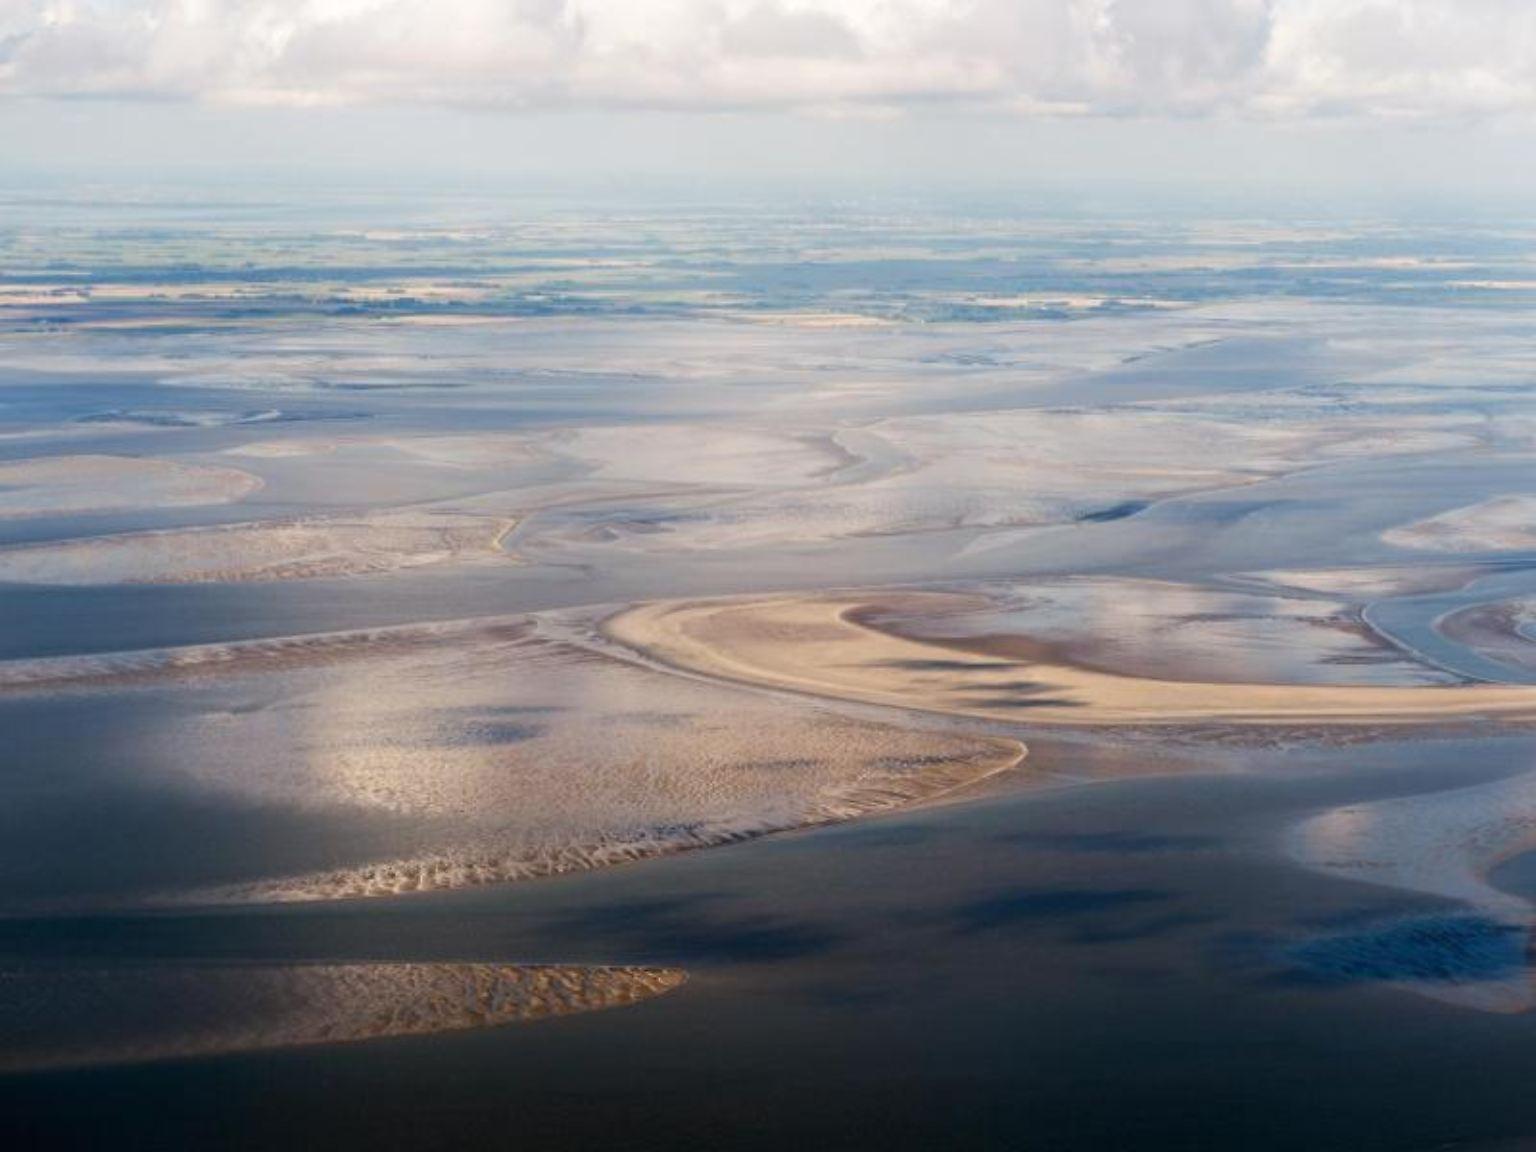 Die 4400 Quadratkilometer große Landschaft vor der Westküste Schleswig-Holsteins ist Heimat von geschätzt 10 000 verschiedenen Tier- und Pflanzen-Arten.Foto: Daniel Reinhardt/Archiv